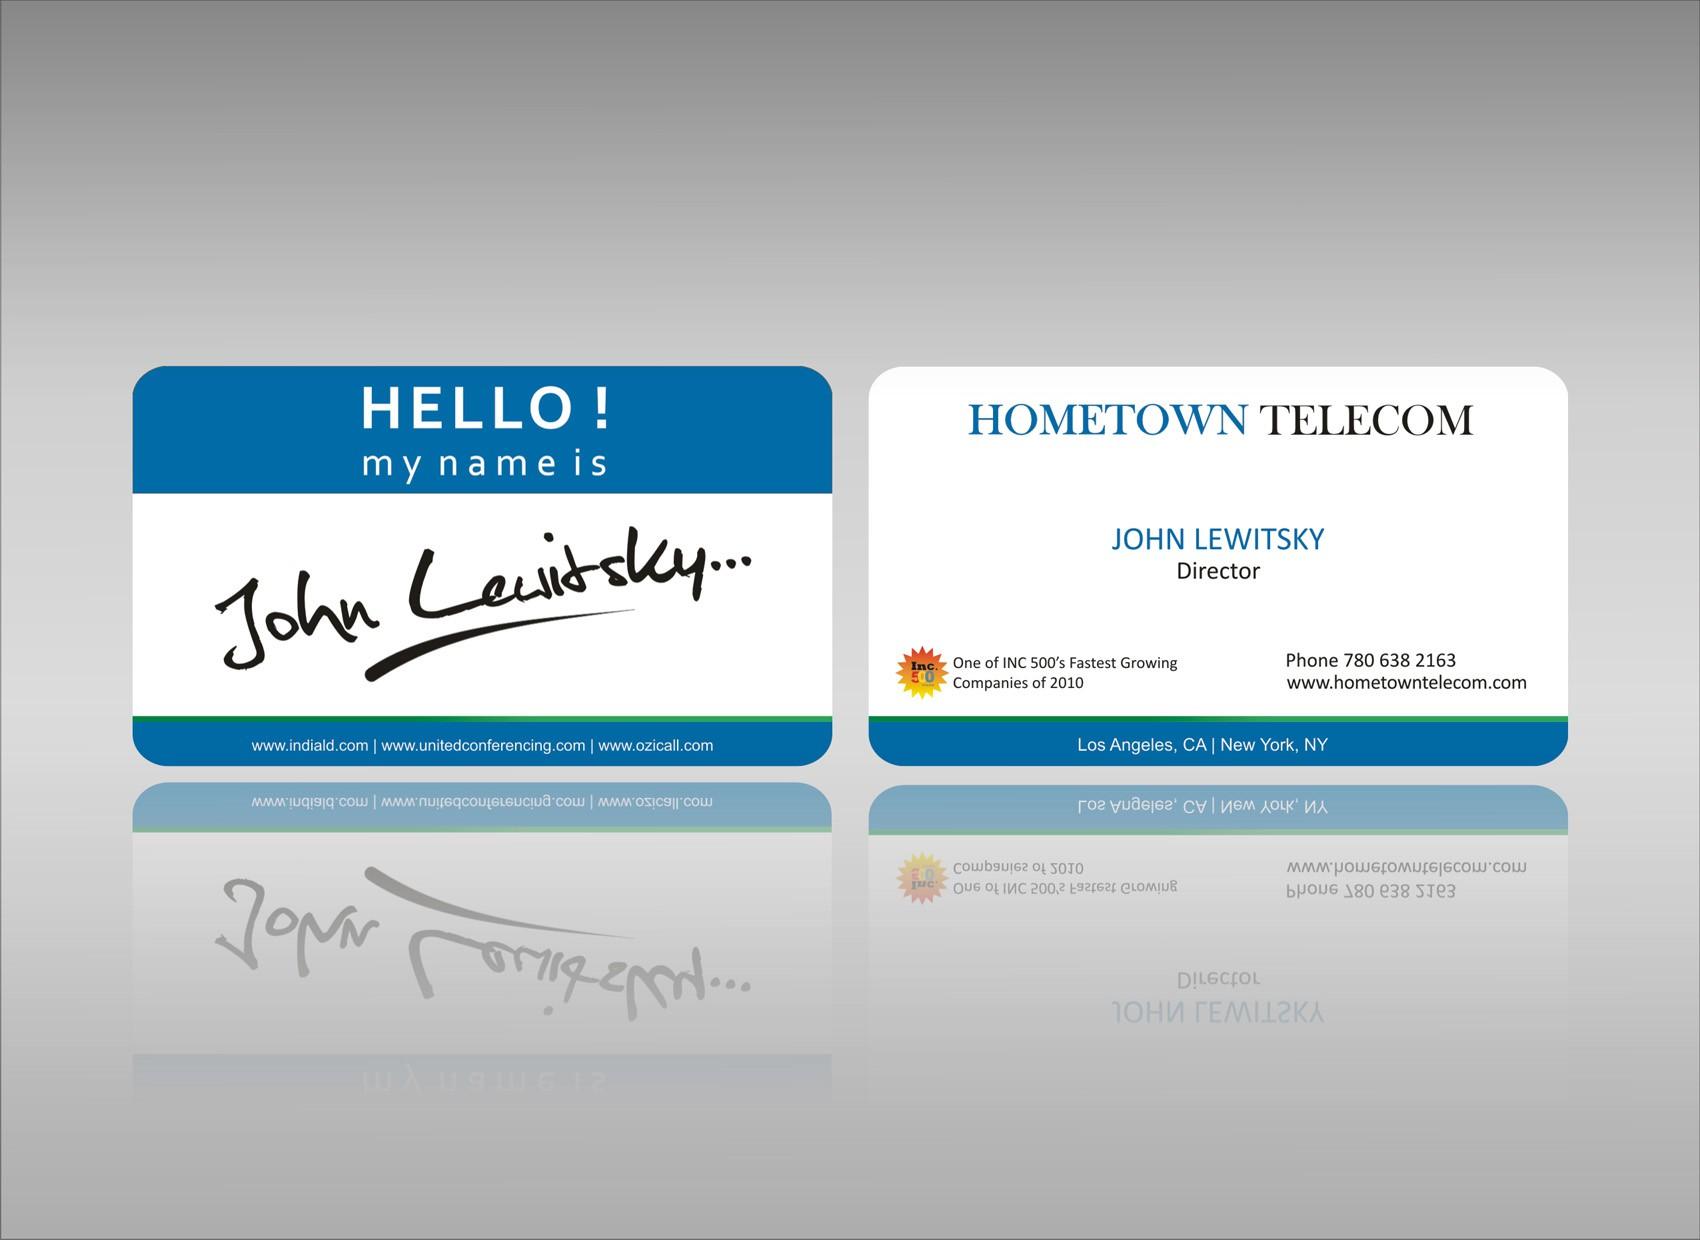 Business card for HTT